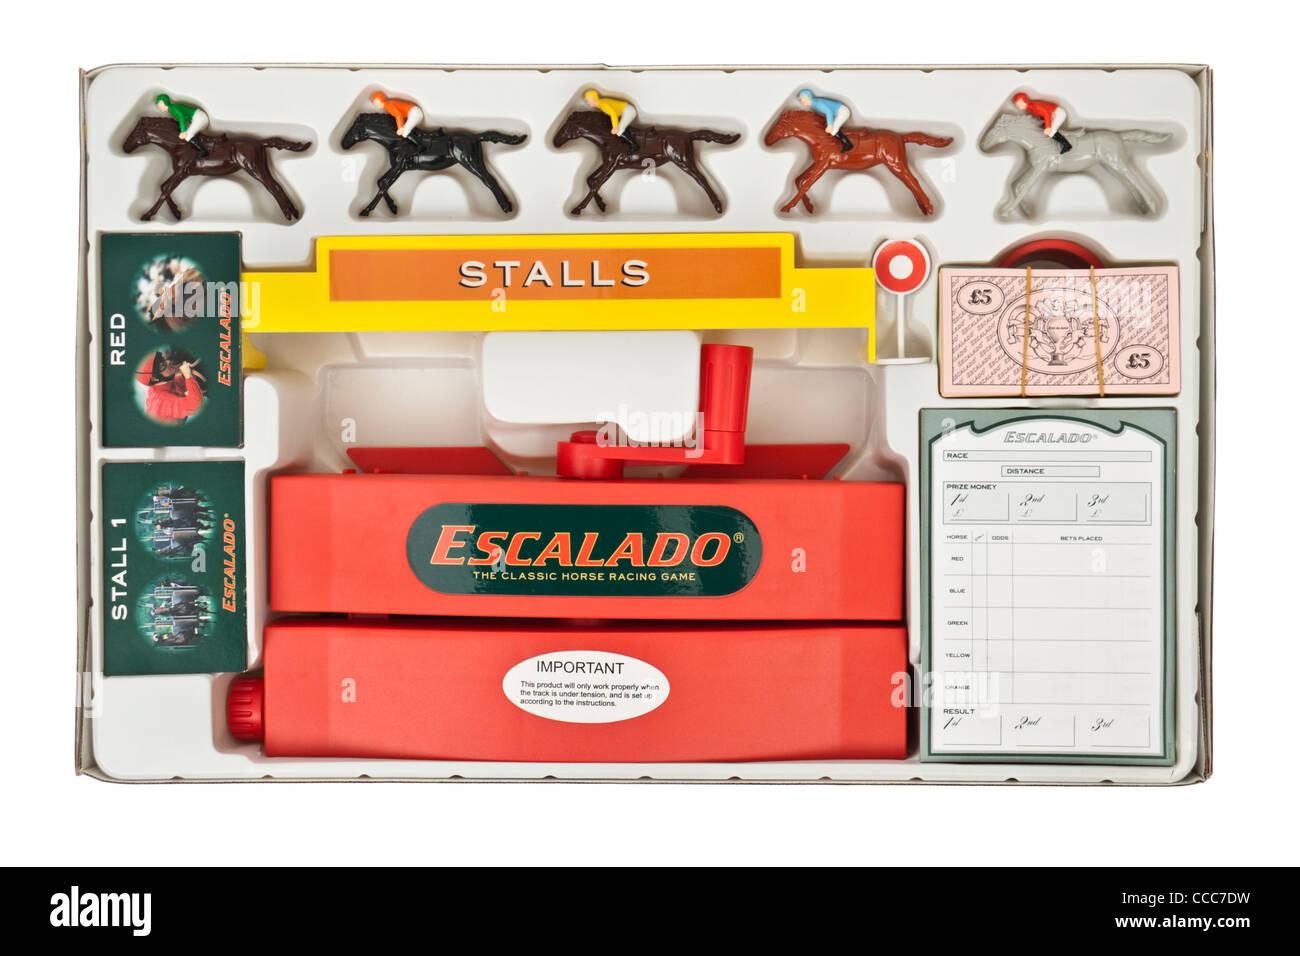 Escalado Horse Racing Board Game Stock Photo Alamy